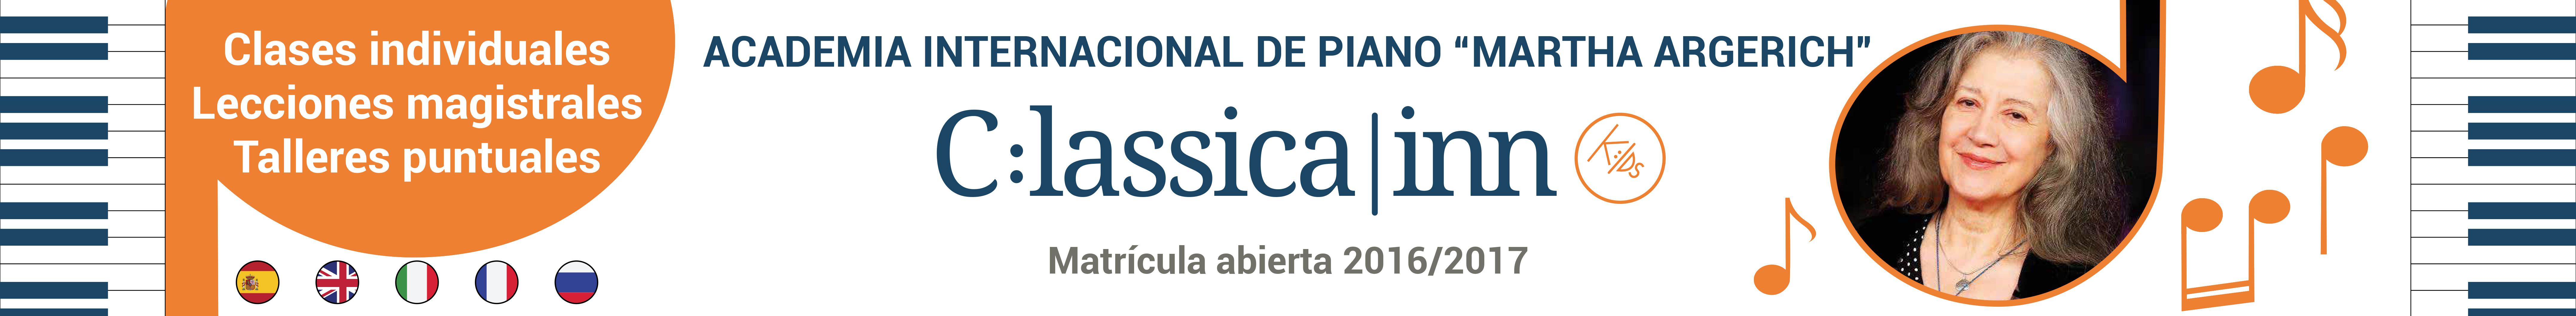 Clasica Inn